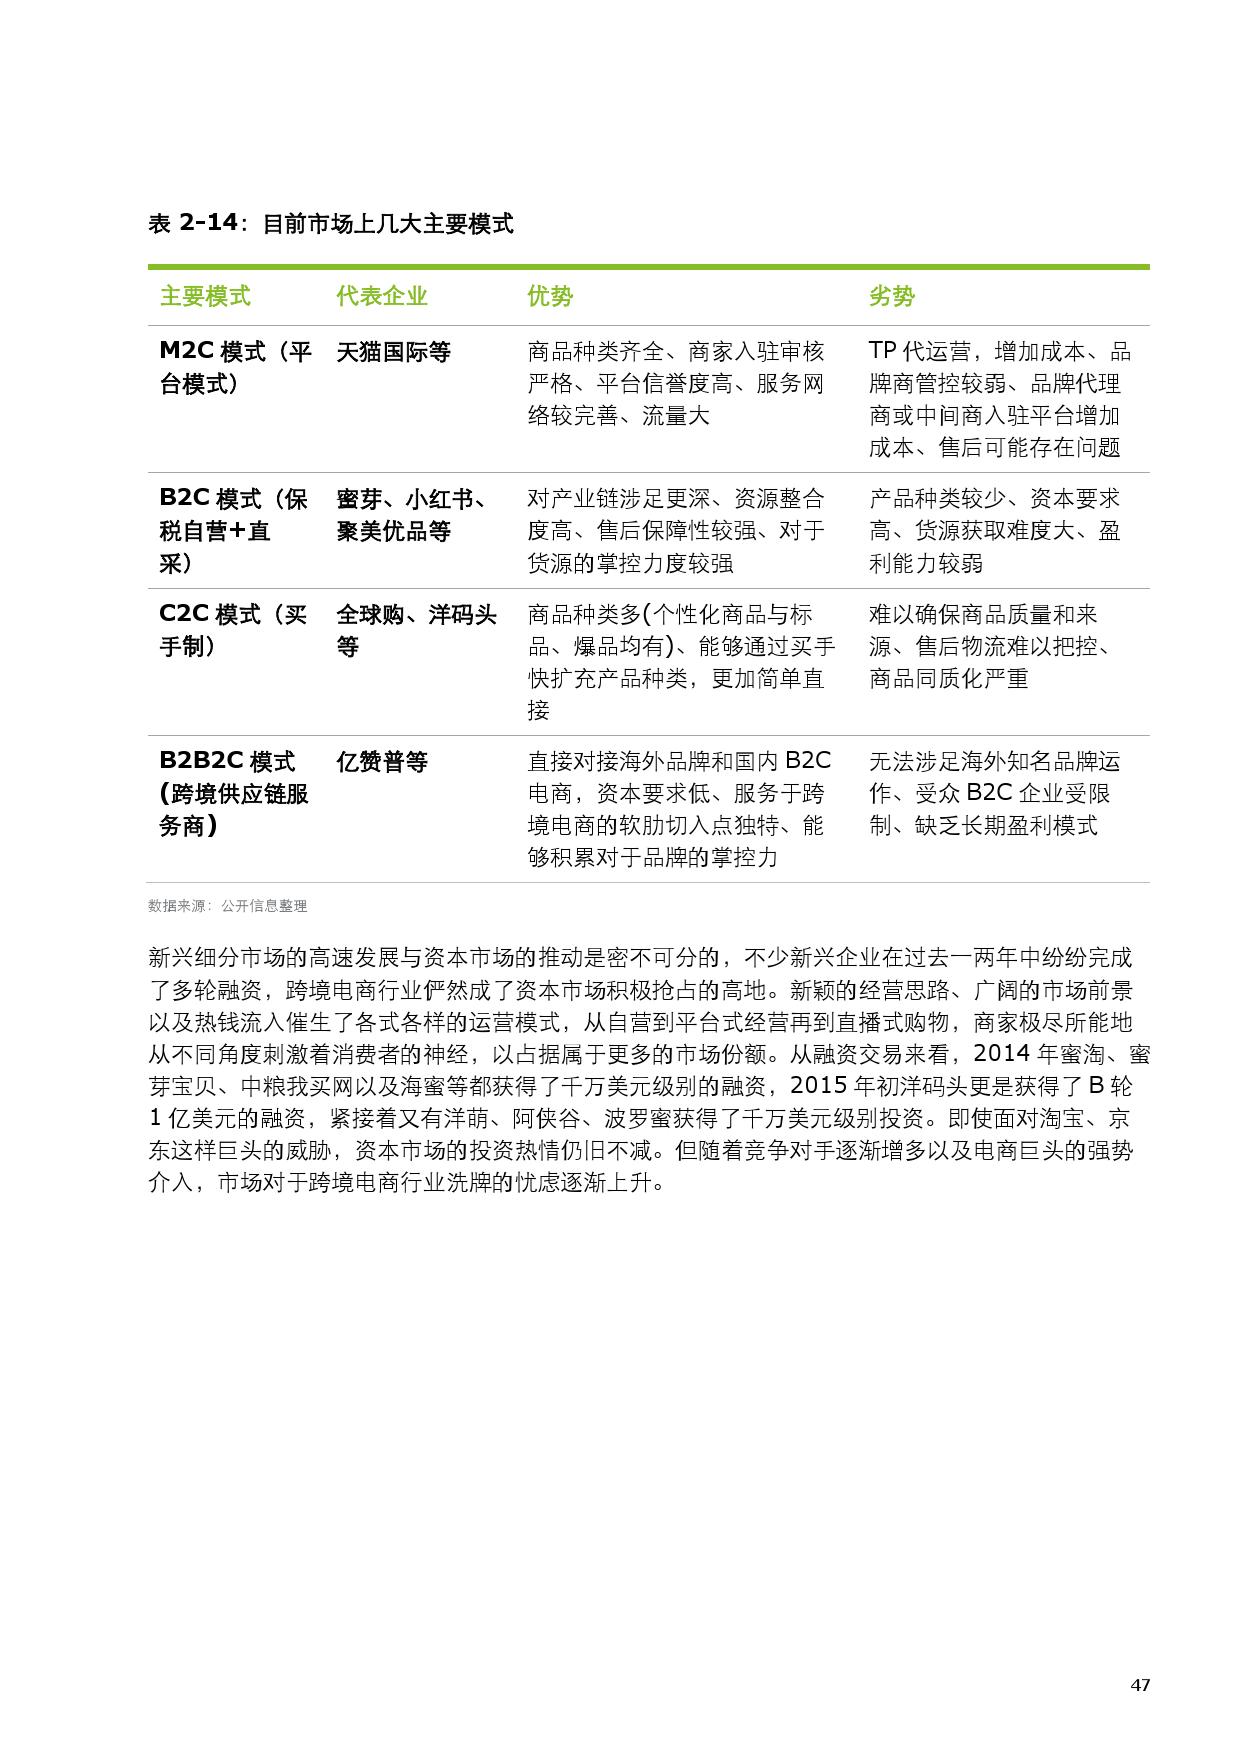 2015中国零售产业投资促进报告_000055